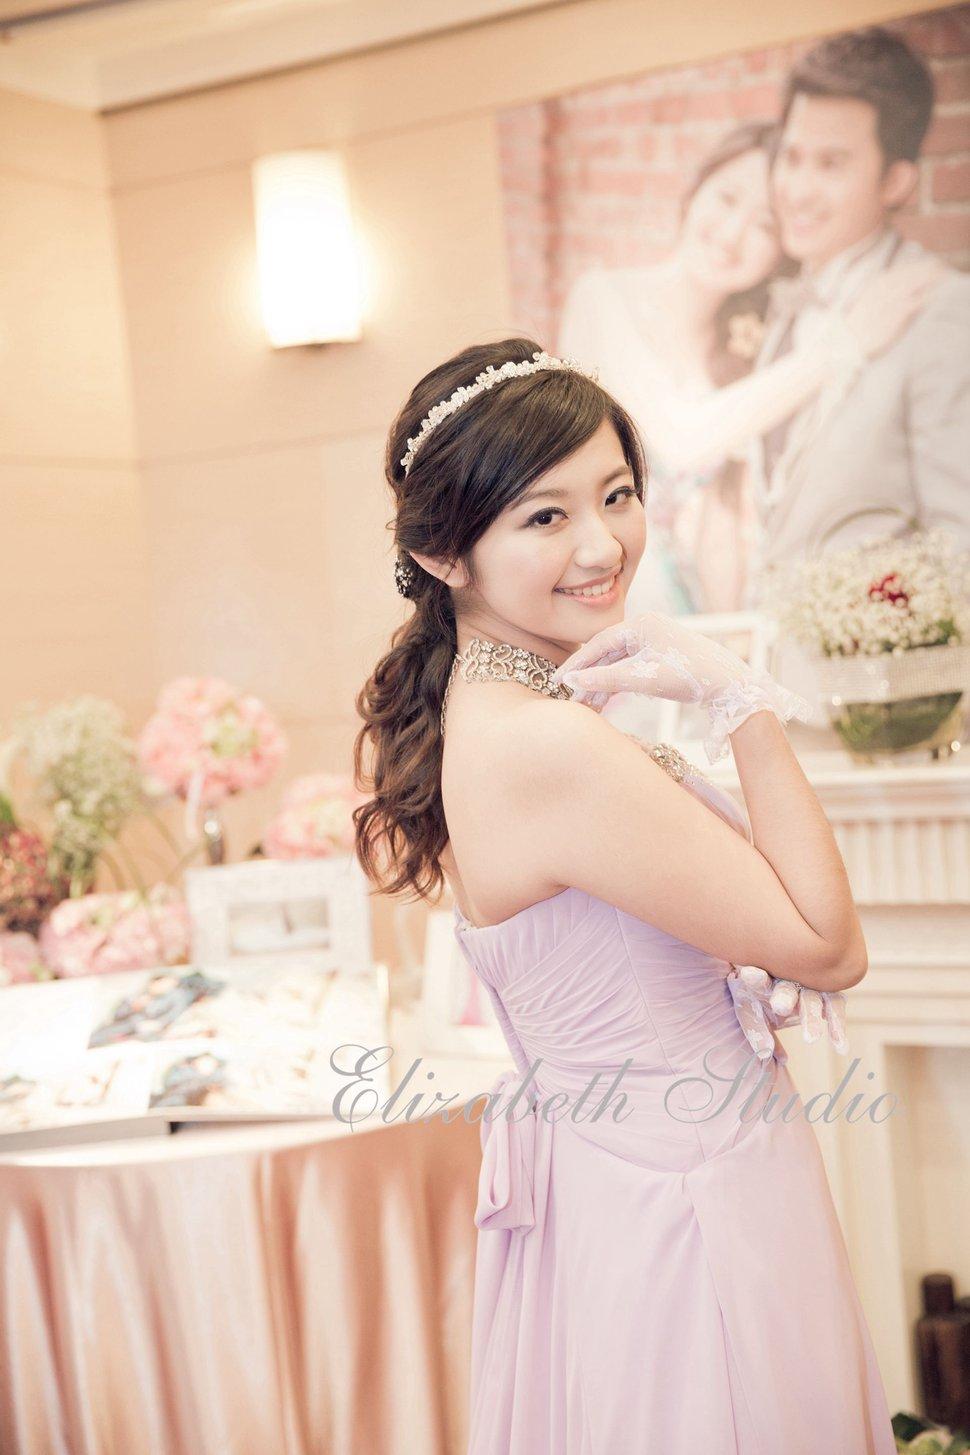 南臺灣新娘秘書韓式(噴槍)新秘團隊(編號:194373) - 若言新娘秘書韓式妝髮 - 結婚吧